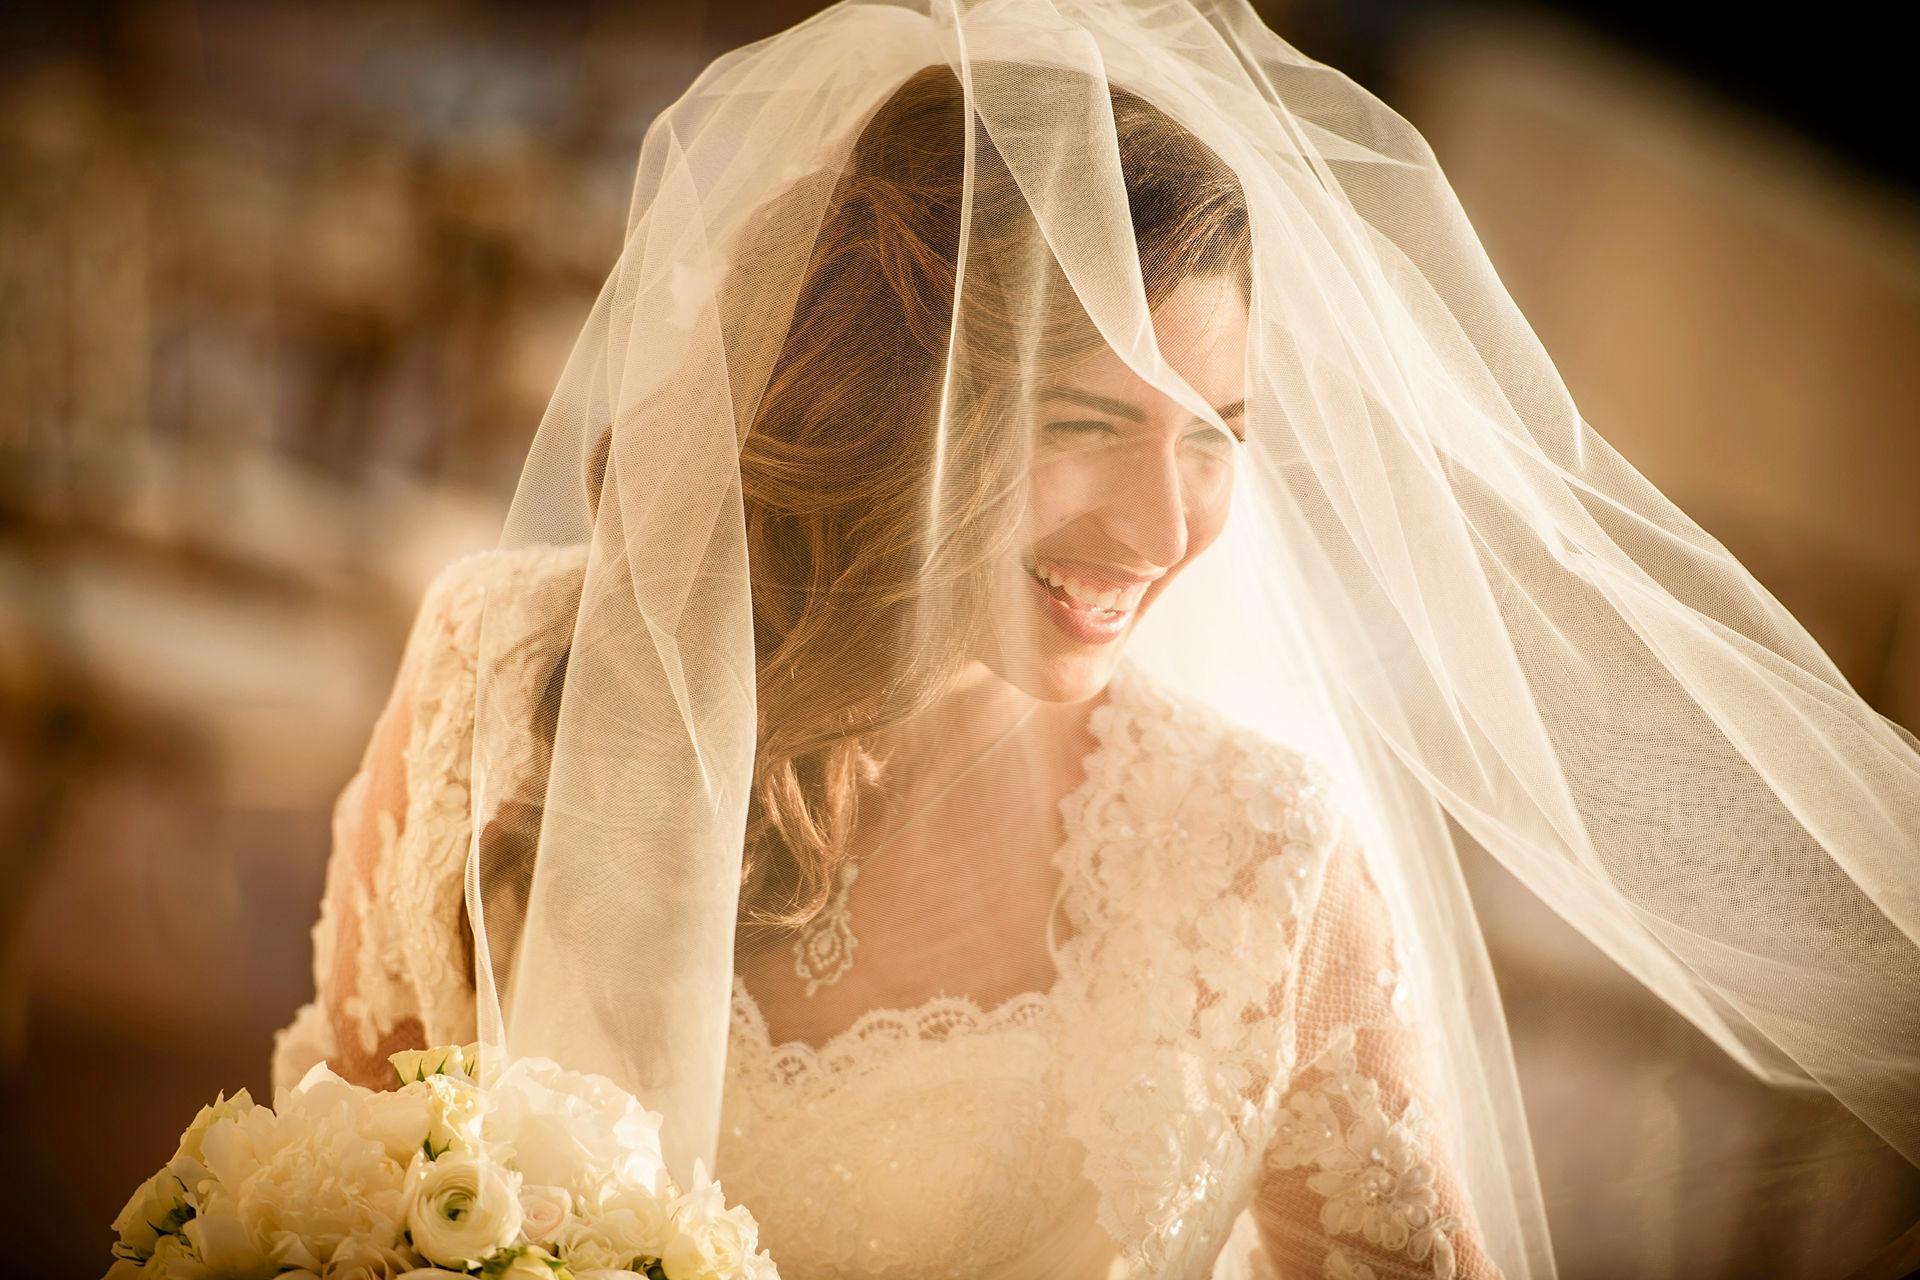 Los Angeles Jewish Bride